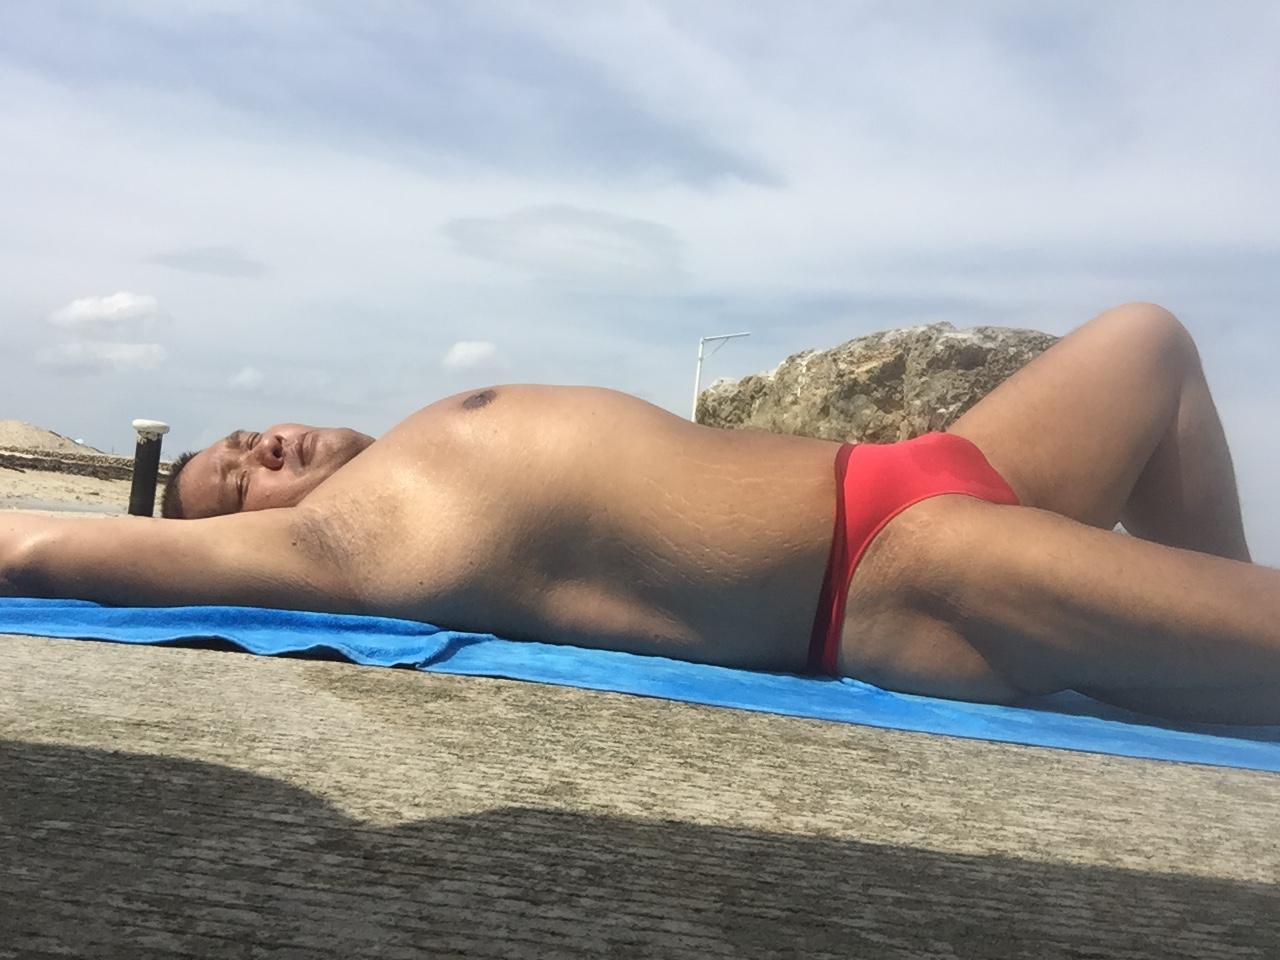 Bikini sun bather (175/218)